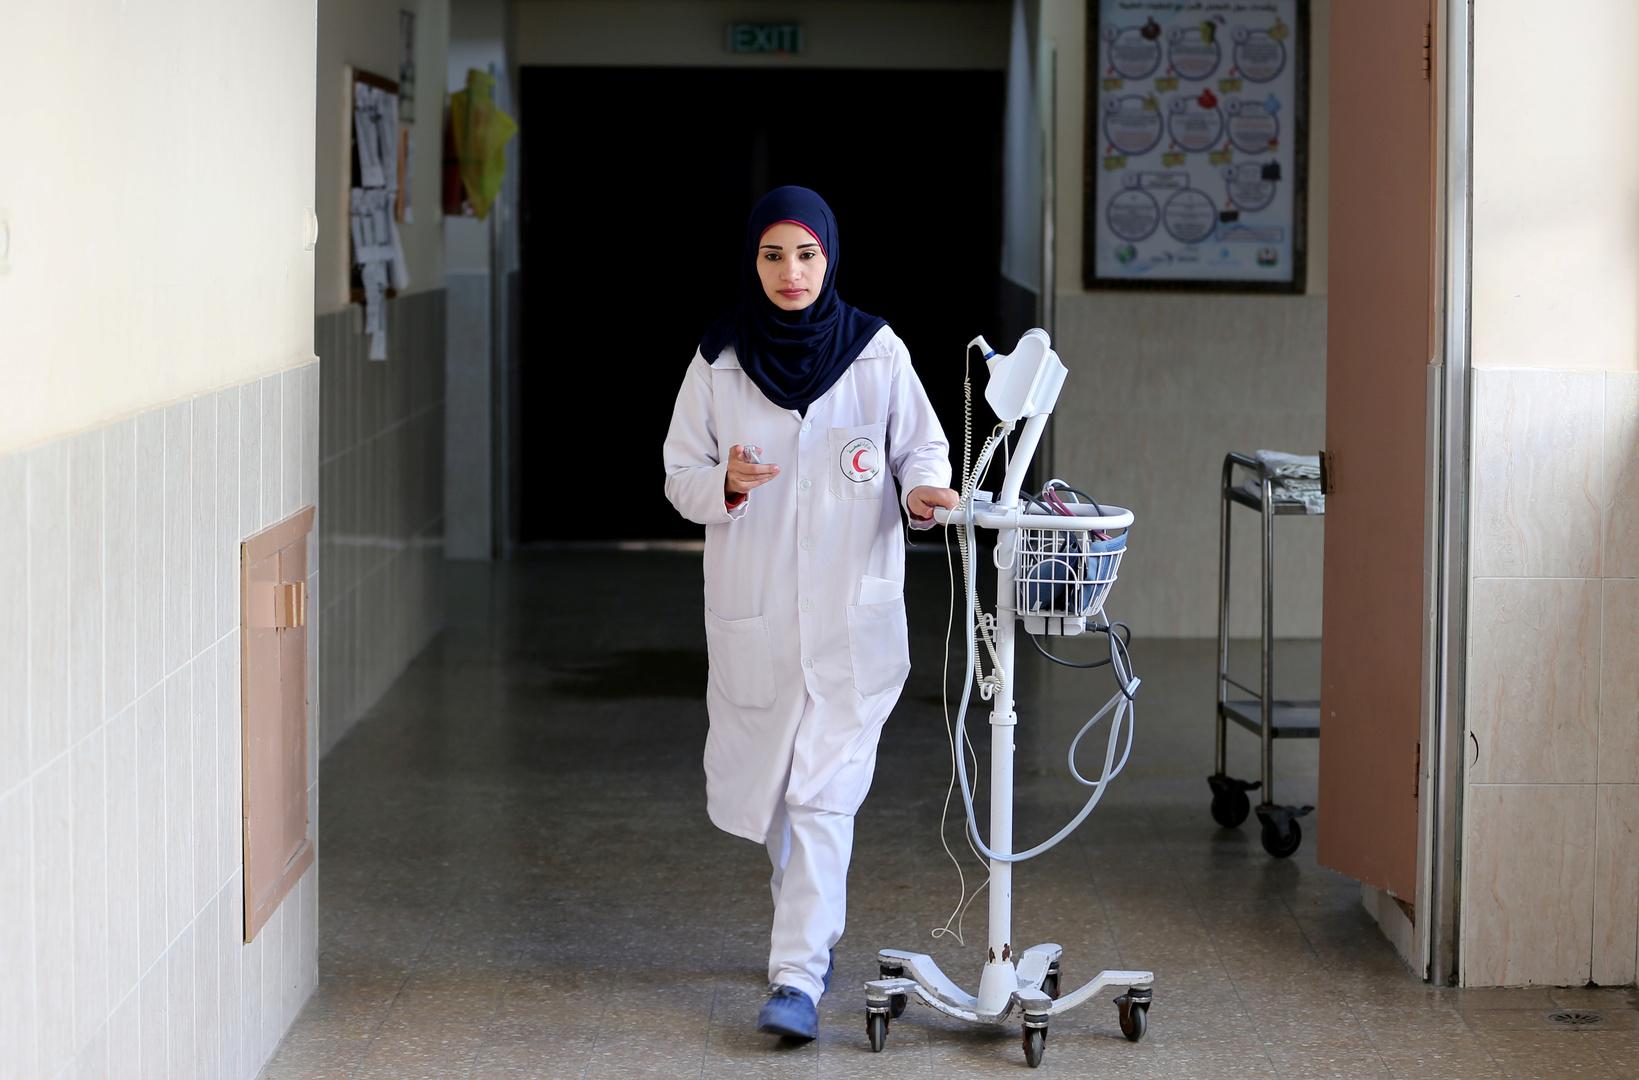 الصحة في غزة: وصول جثامين عدد من المواطنين للمستشفى وشبهات بتعرضهم لاستنشاق غاز سام